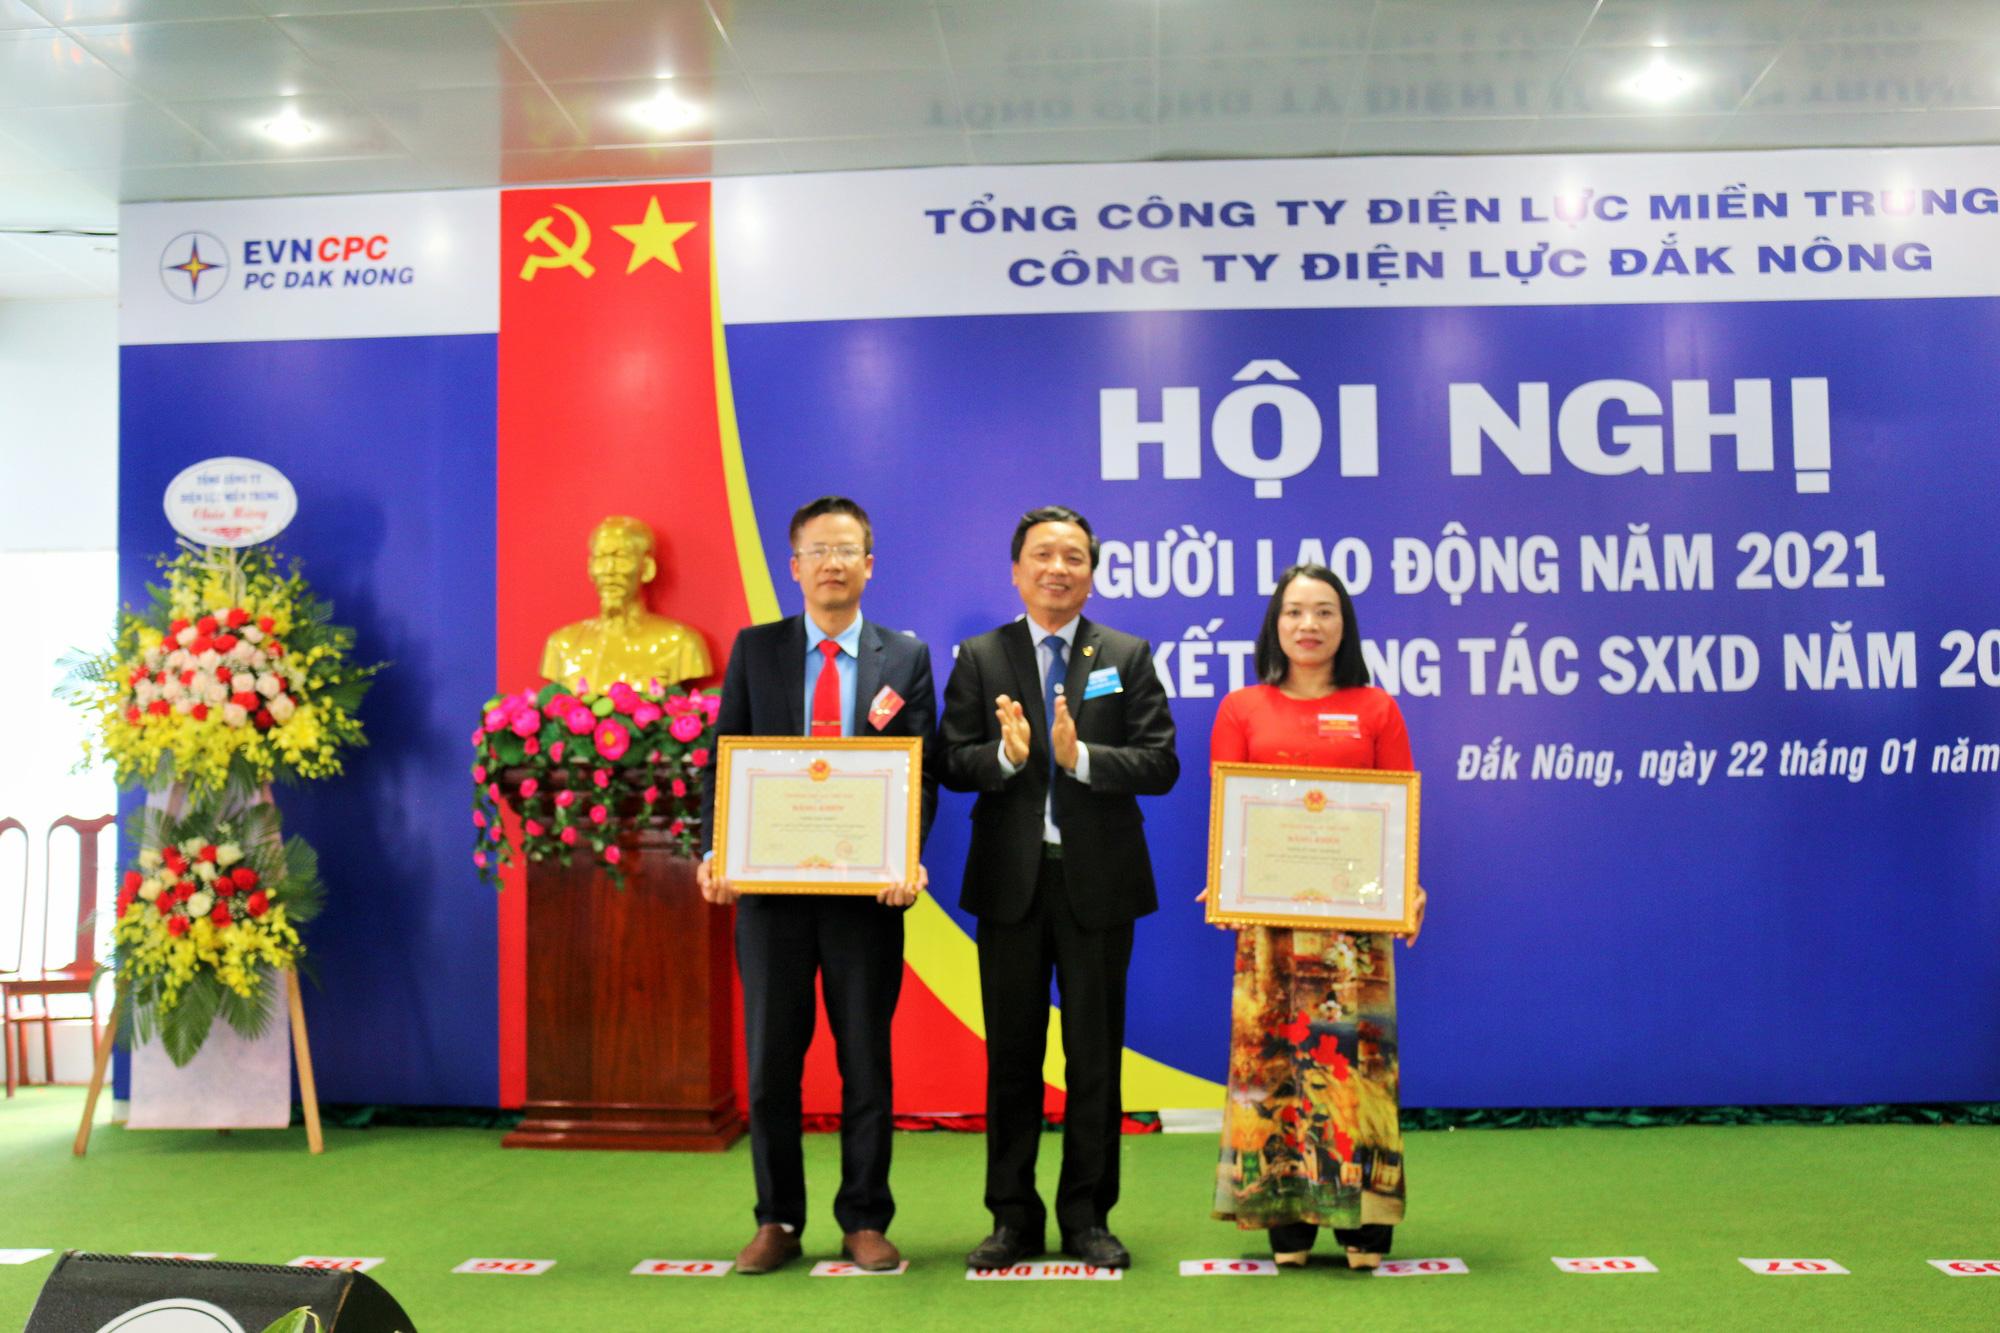 PC Đắk Nông: Hội nghị đại biểu Người lao động năm 2021 thành công tốt đẹp - Ảnh 2.